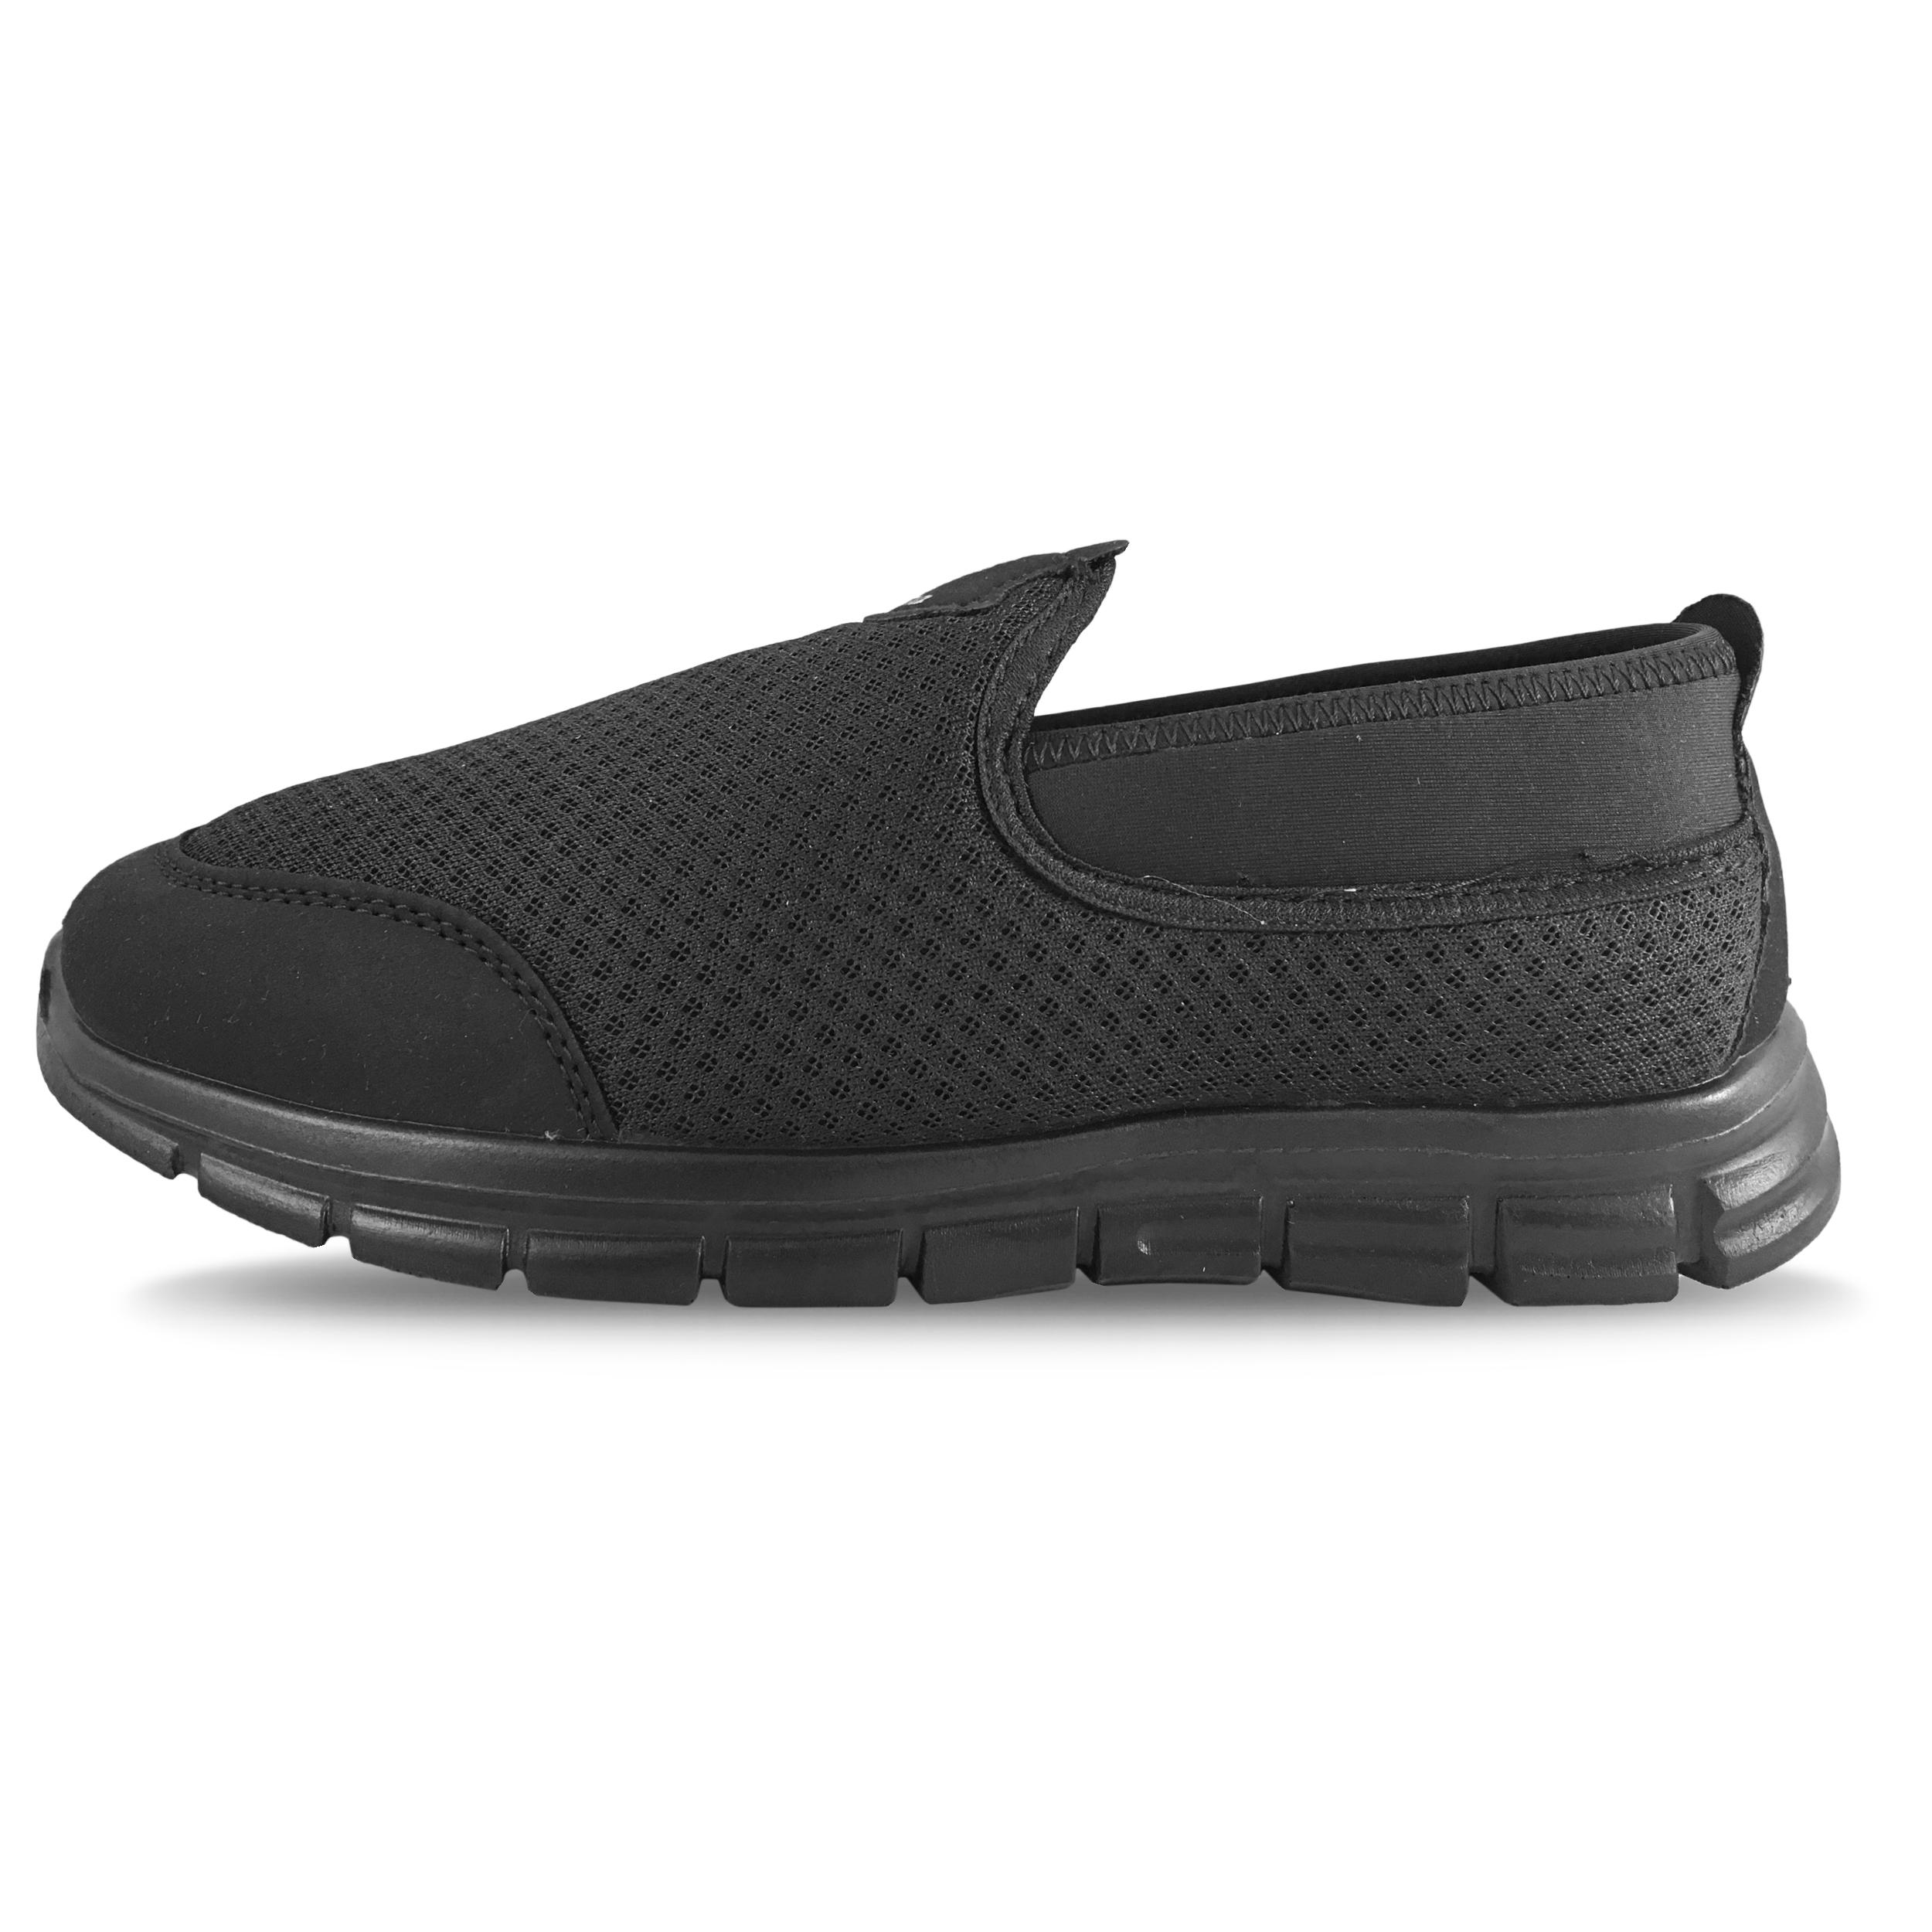 کفش مخصوص پیاده روی مردانه کفش شیما مدل اسکوتر کد 3990